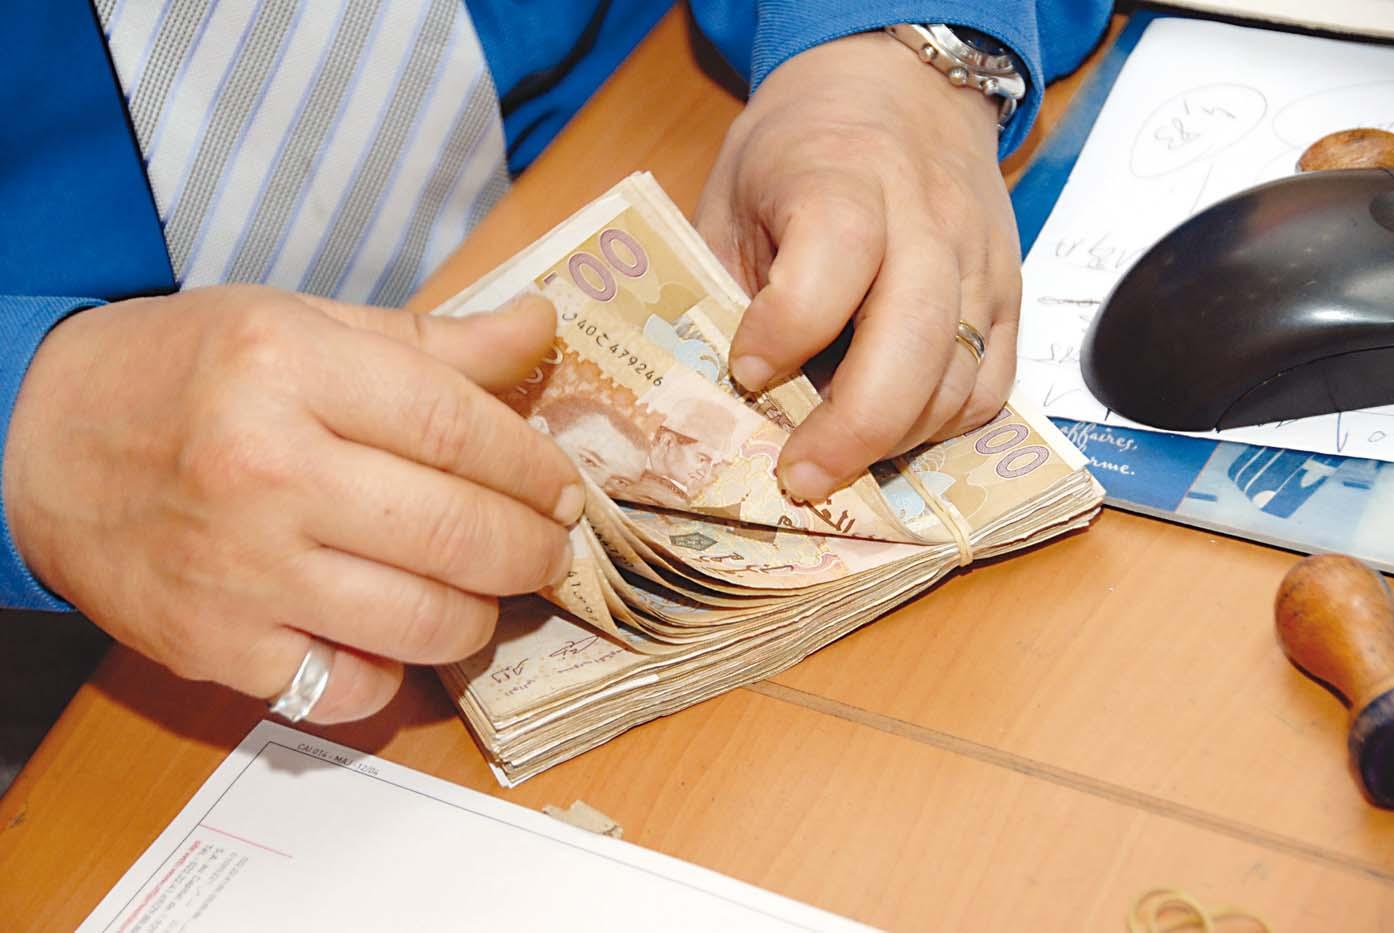 أكثر من 7 آلاف مستفيد من صندوقي الضمان «فوغاريم» و«فوغالوج» حتى نهاية ماي 2015